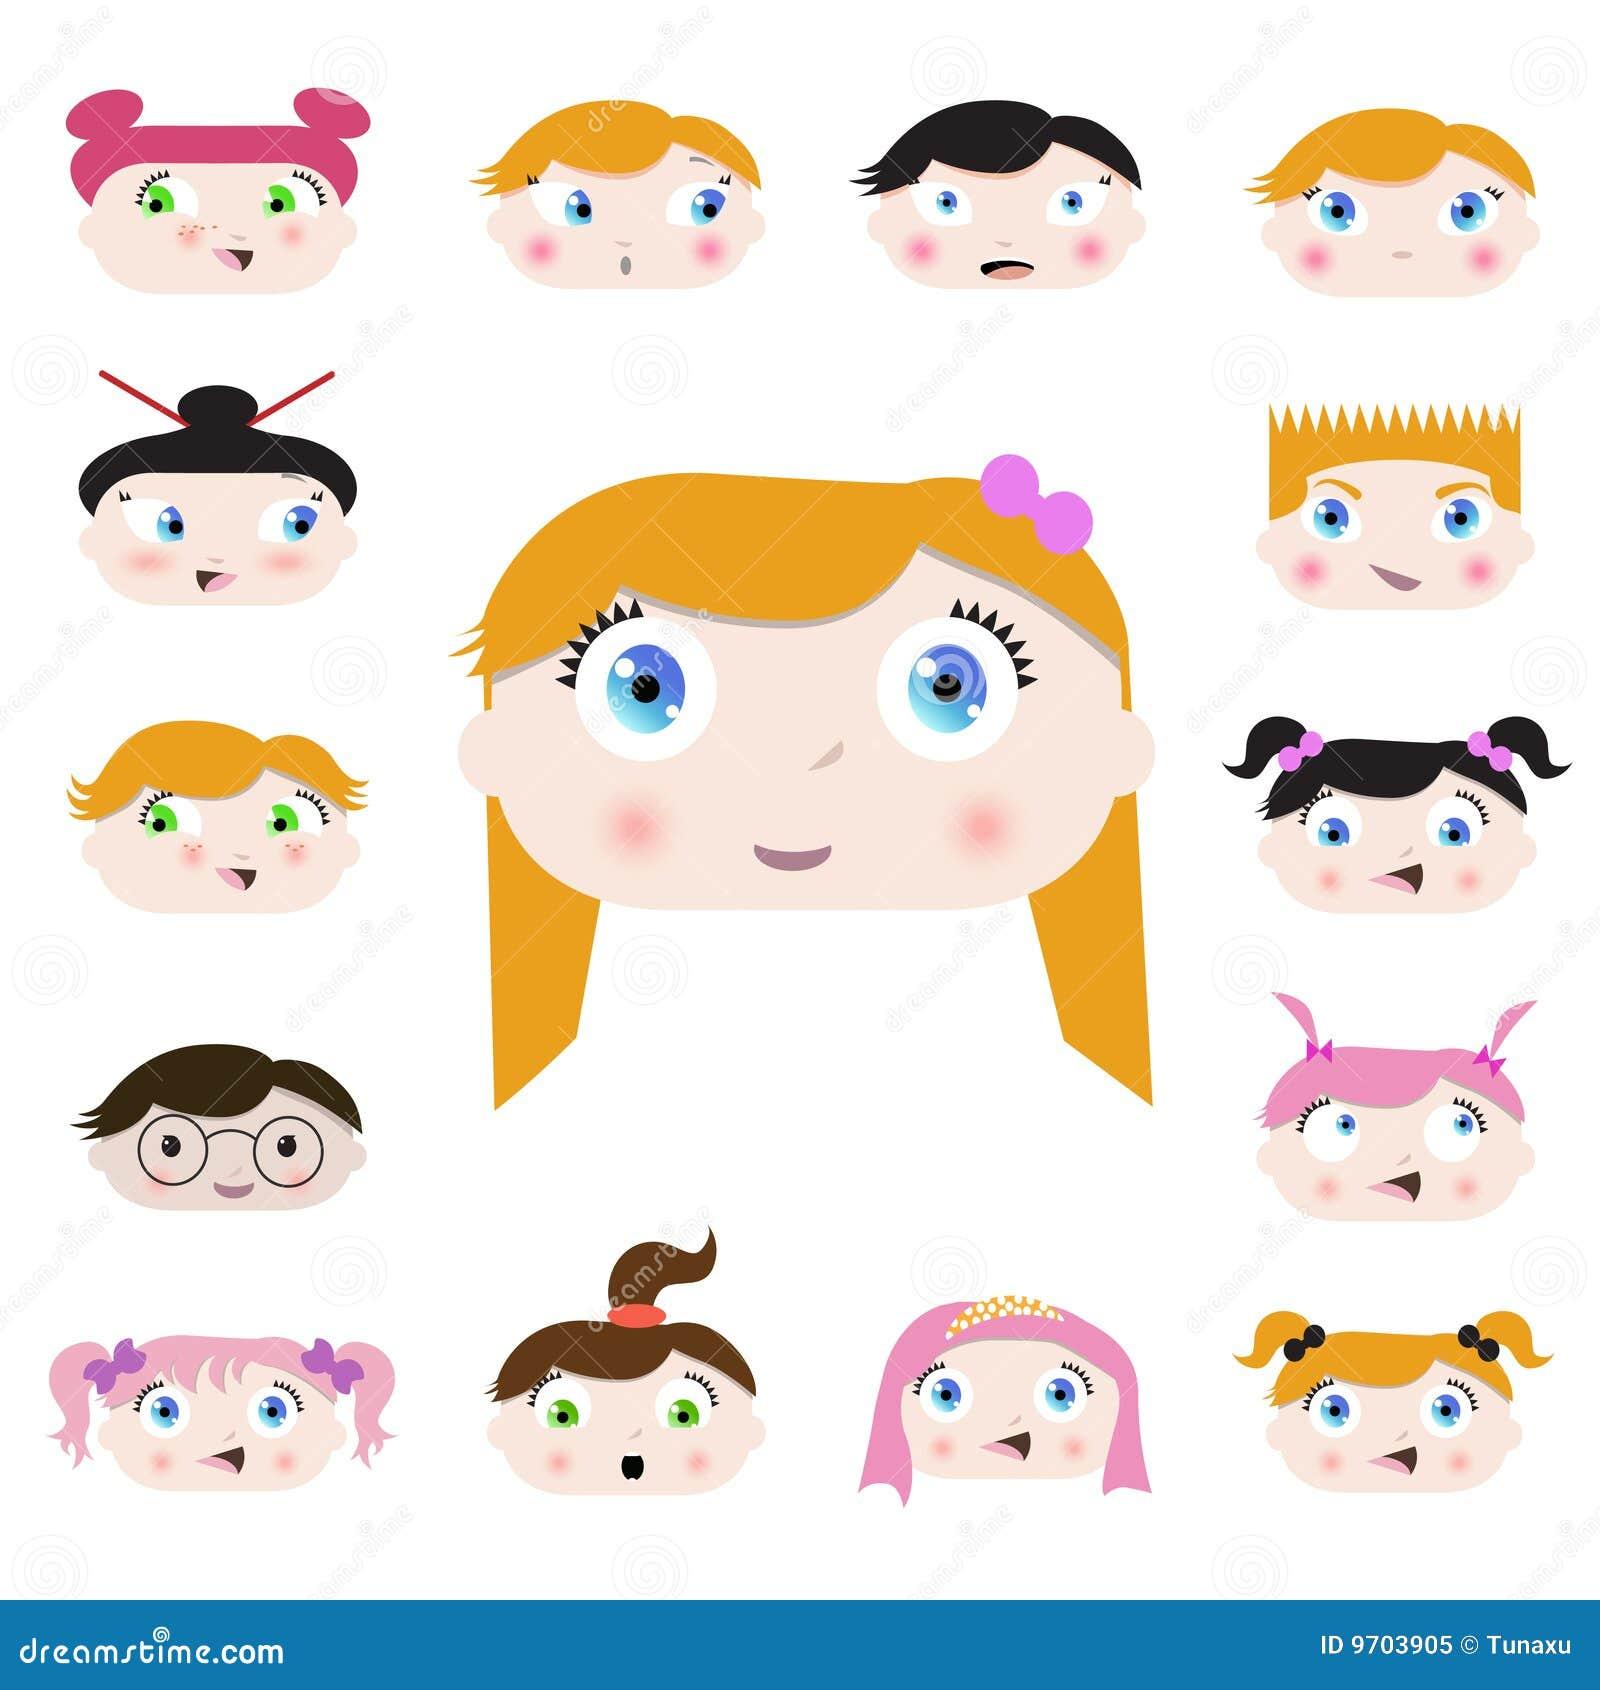 Dessin Anim 9 Ans: Visages D'enfant De Dessin Animé Illustration De Vecteur